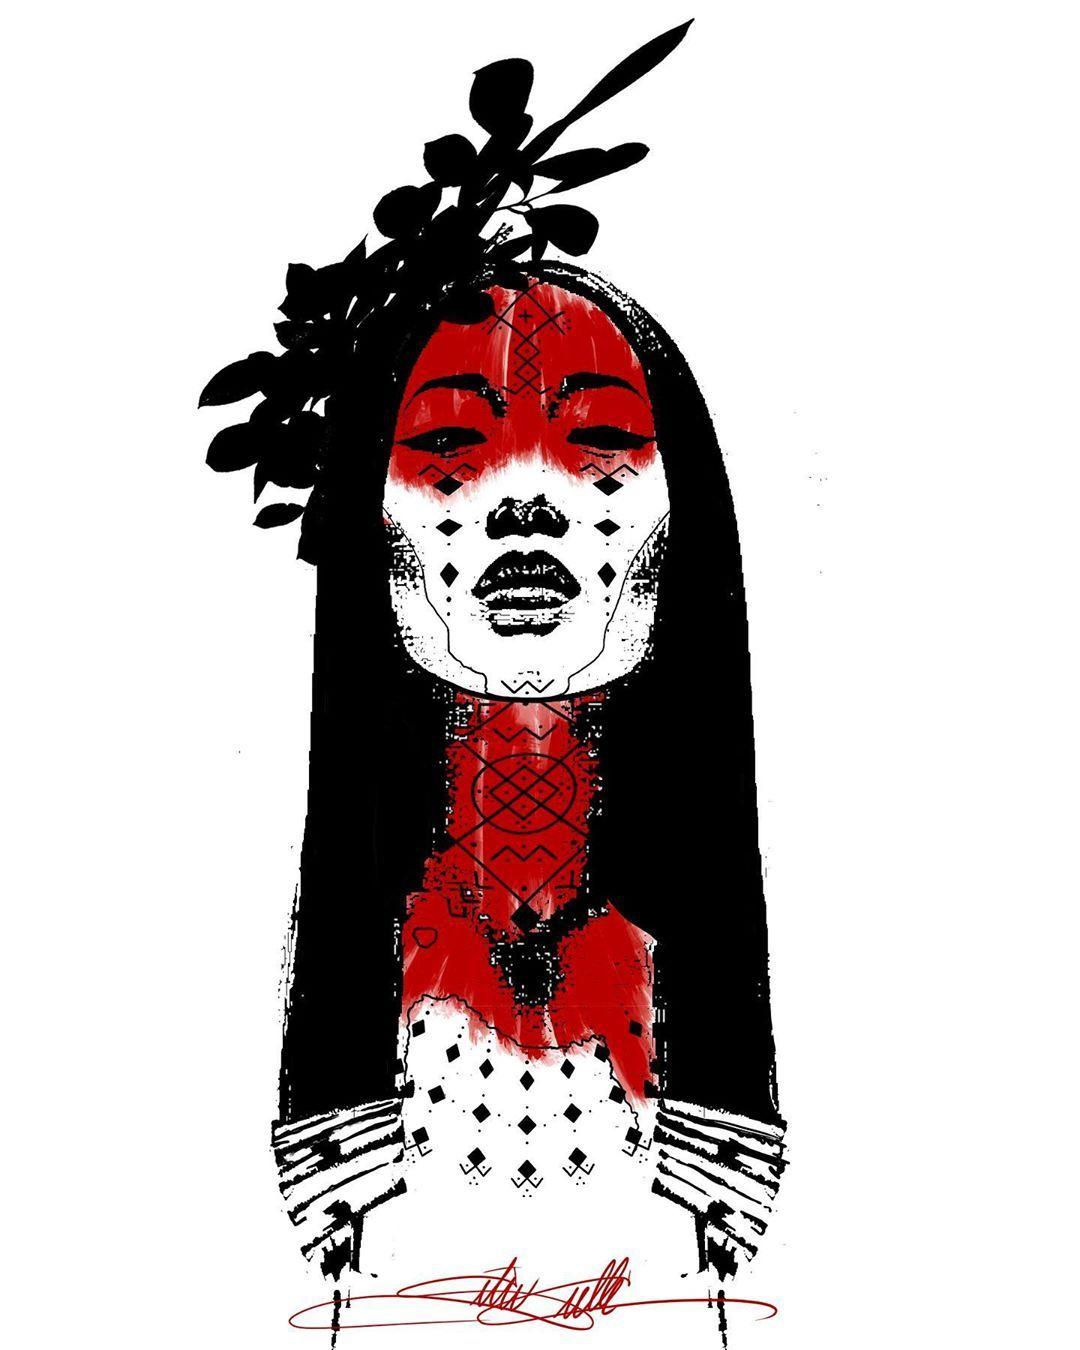 Pour les intéressés  Contact en MP fb & instagram :  @satanculle @myha_sc  Studio privé SC FAMILY La roche sur foron #tattoopassion #projettattoo #tattoo #tattoostyle #dessin #tattoobelgium #tatouage #tattooing #ink #tattooist #tattoosociety #tattooart #tattooed #tattooconvention #tattoo_artwork #dotworktattoo #dot #dottattoo #blackwork #blackworkers_tattoo  #linertattoo #tattooculture #tattoodesign #annecytattoo #geneva #belgium #worktattoo #tattooartwork #paristattoo #satanculle